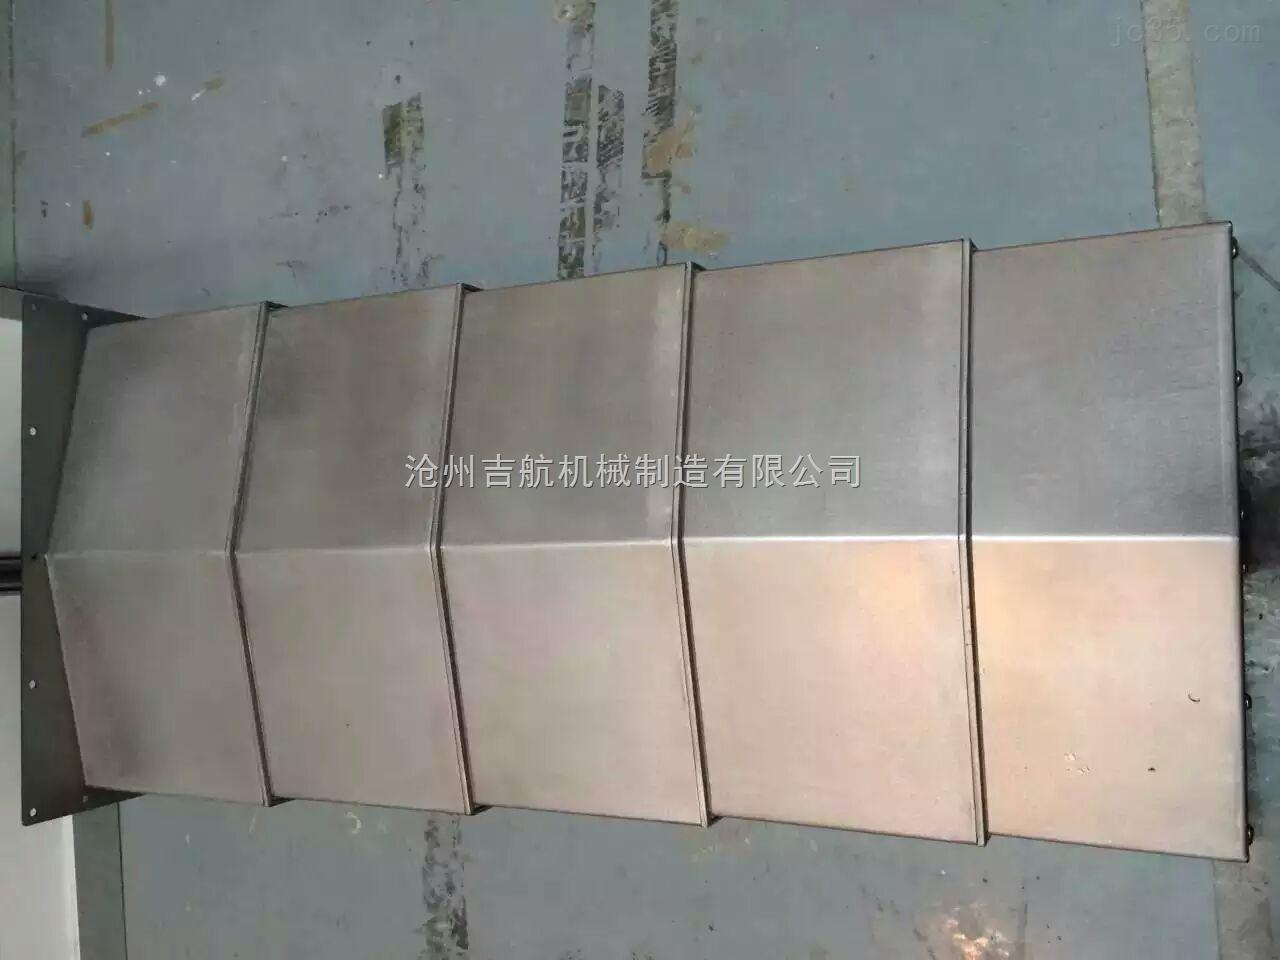 江苏机床厂防护罩